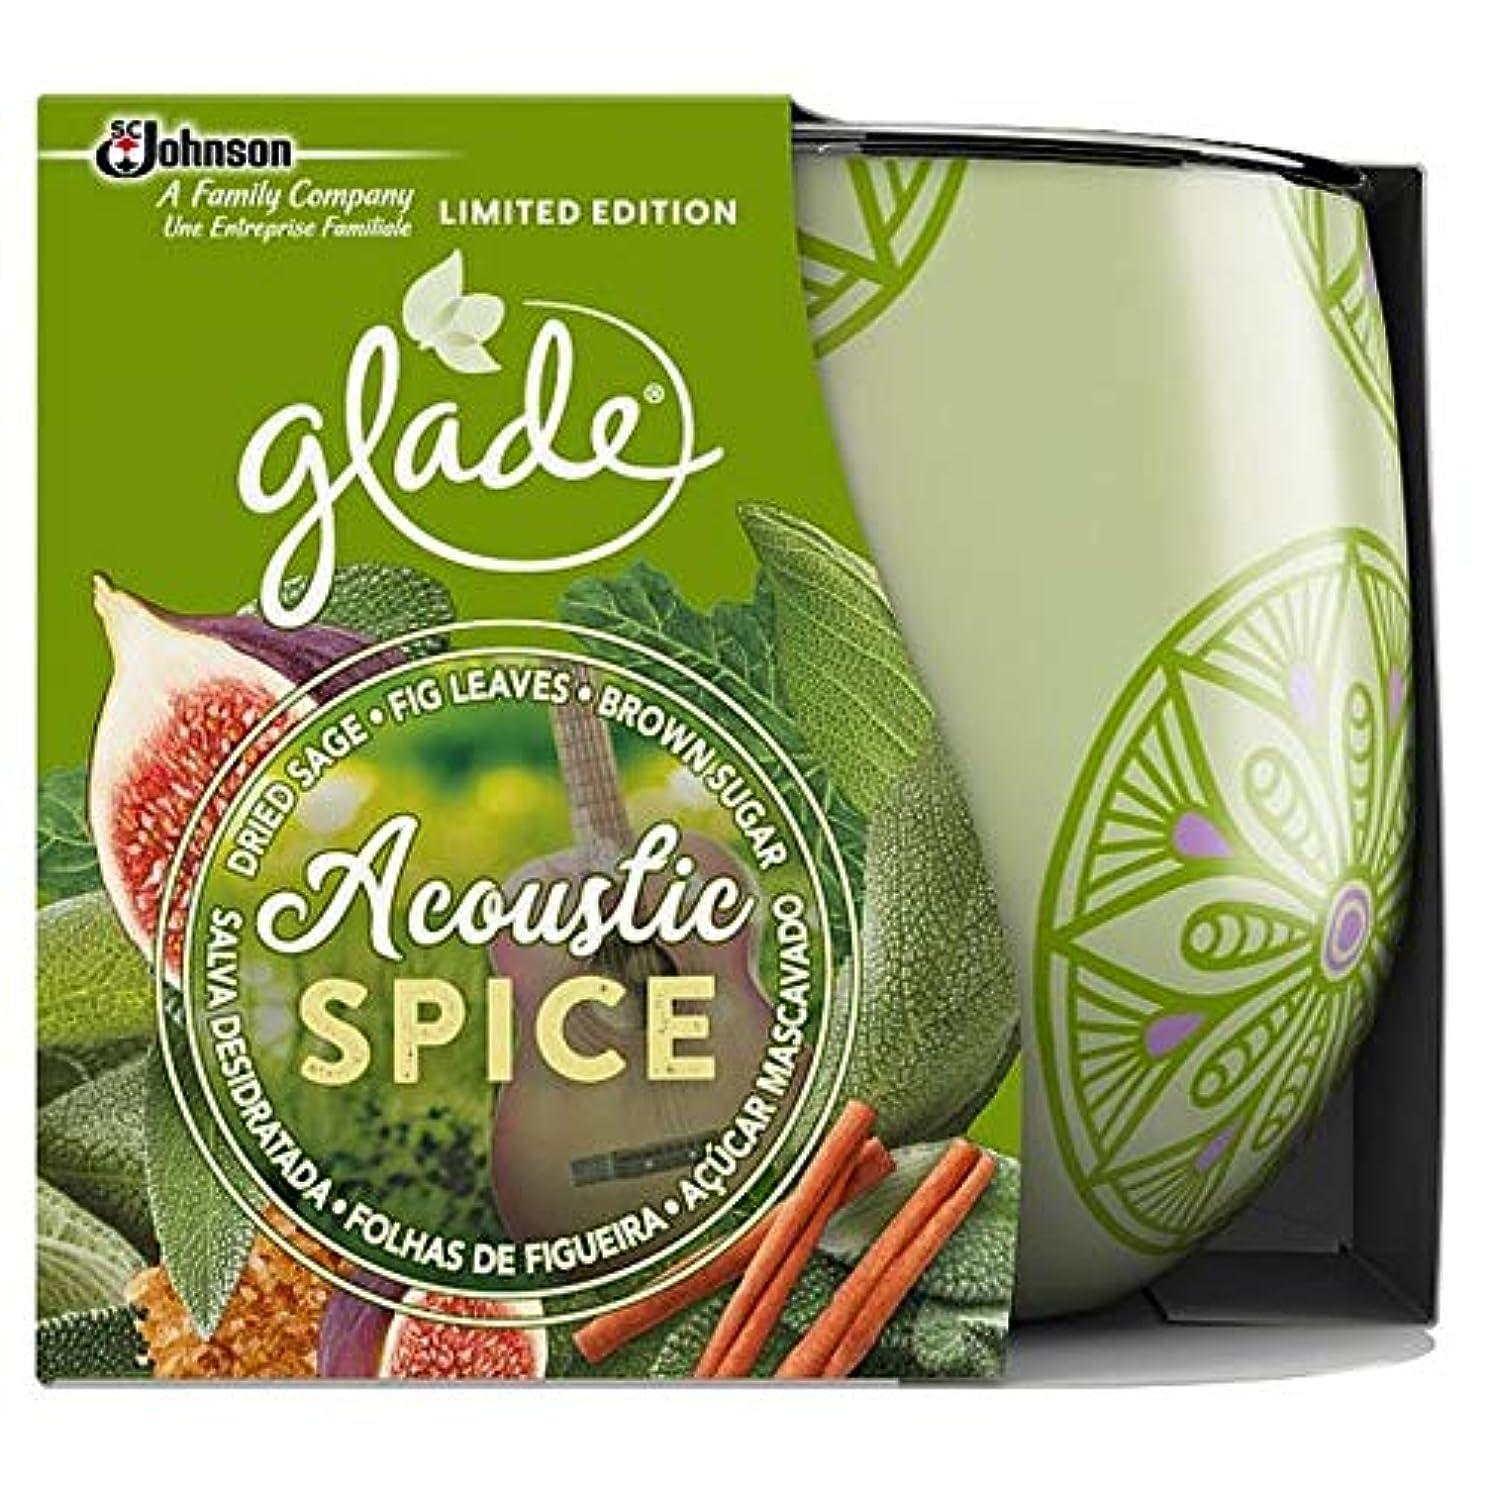 着替える聖職者飲料[Glade ] 音響スパイスキャンドル120グラムを空き地 - Glade Acoustic Spice Candle 120G [並行輸入品]